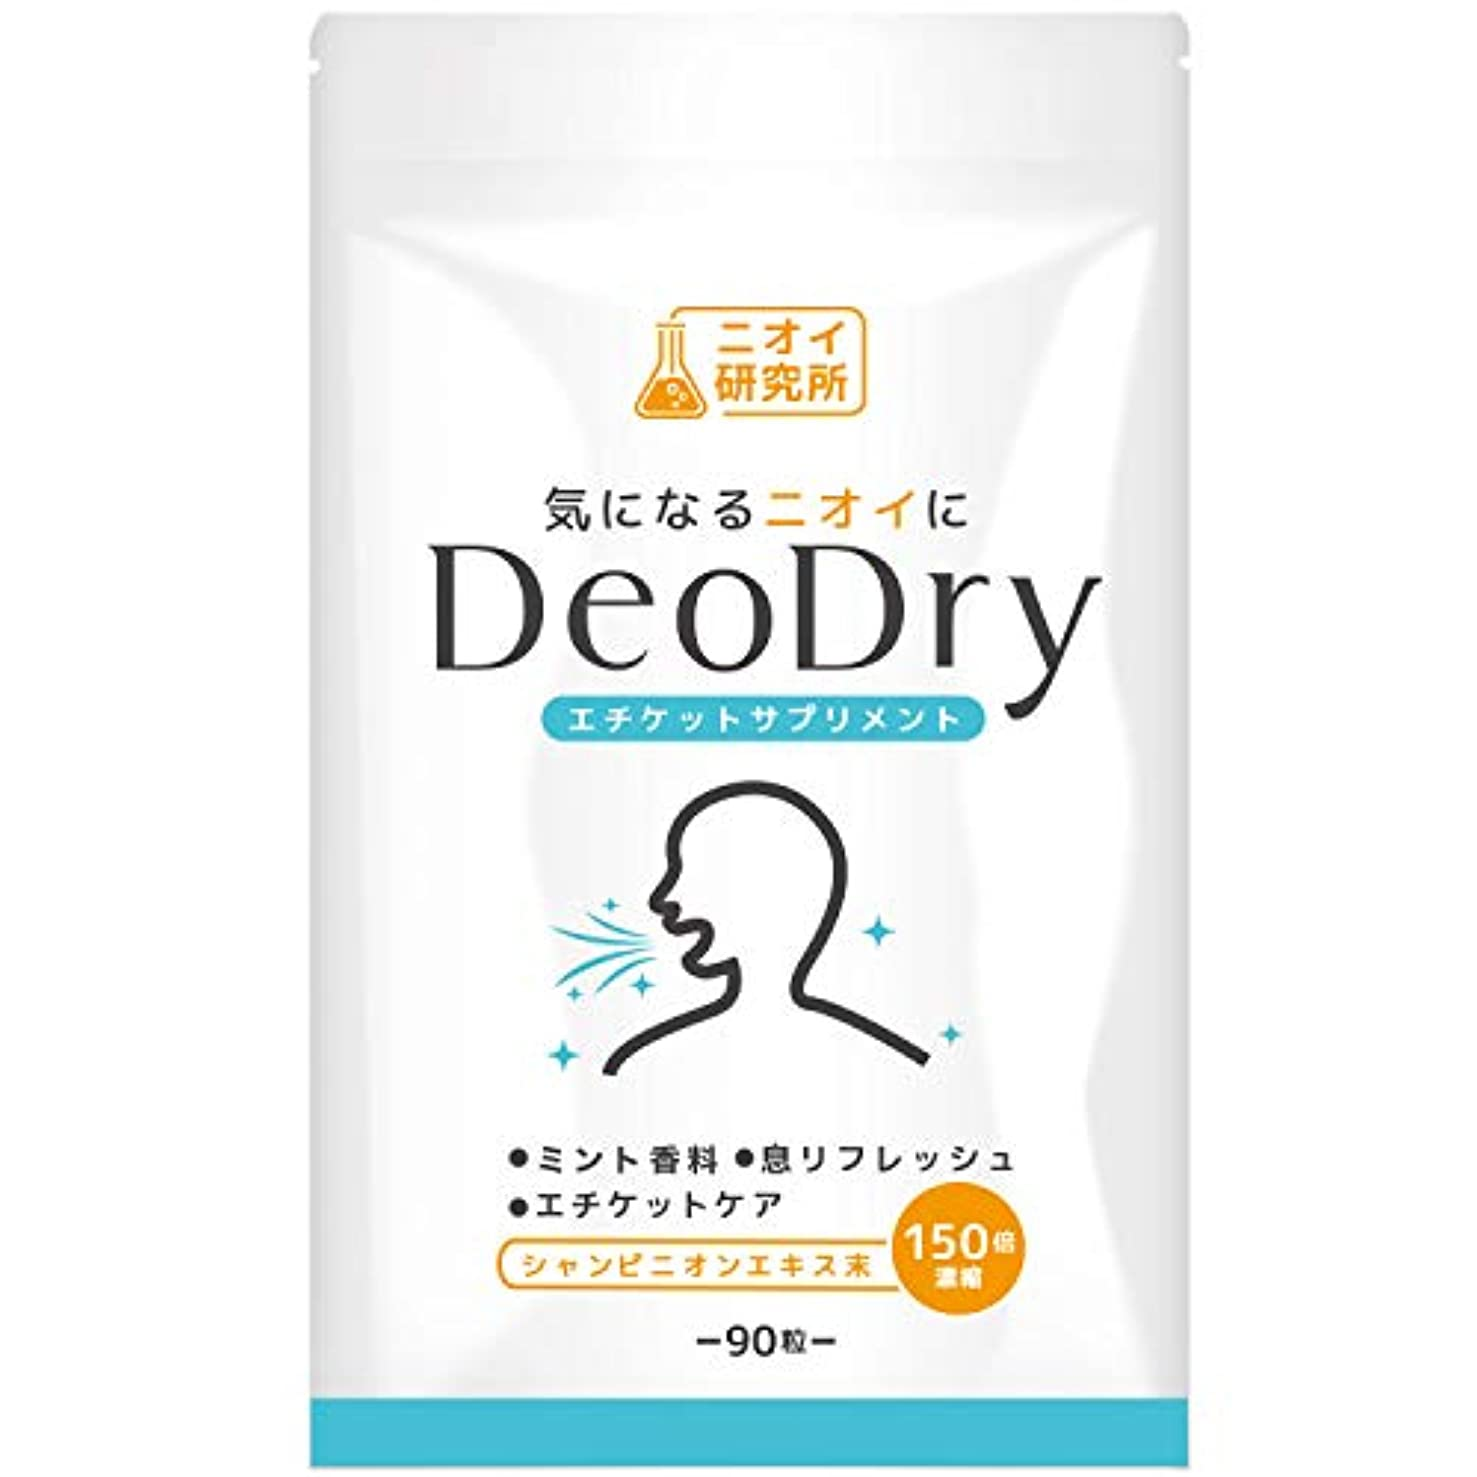 引き金雇う山ニオイ研究所 DeoDry シャンピニオン デオアタック 緑茶ポリフェノール 90粒 30日分